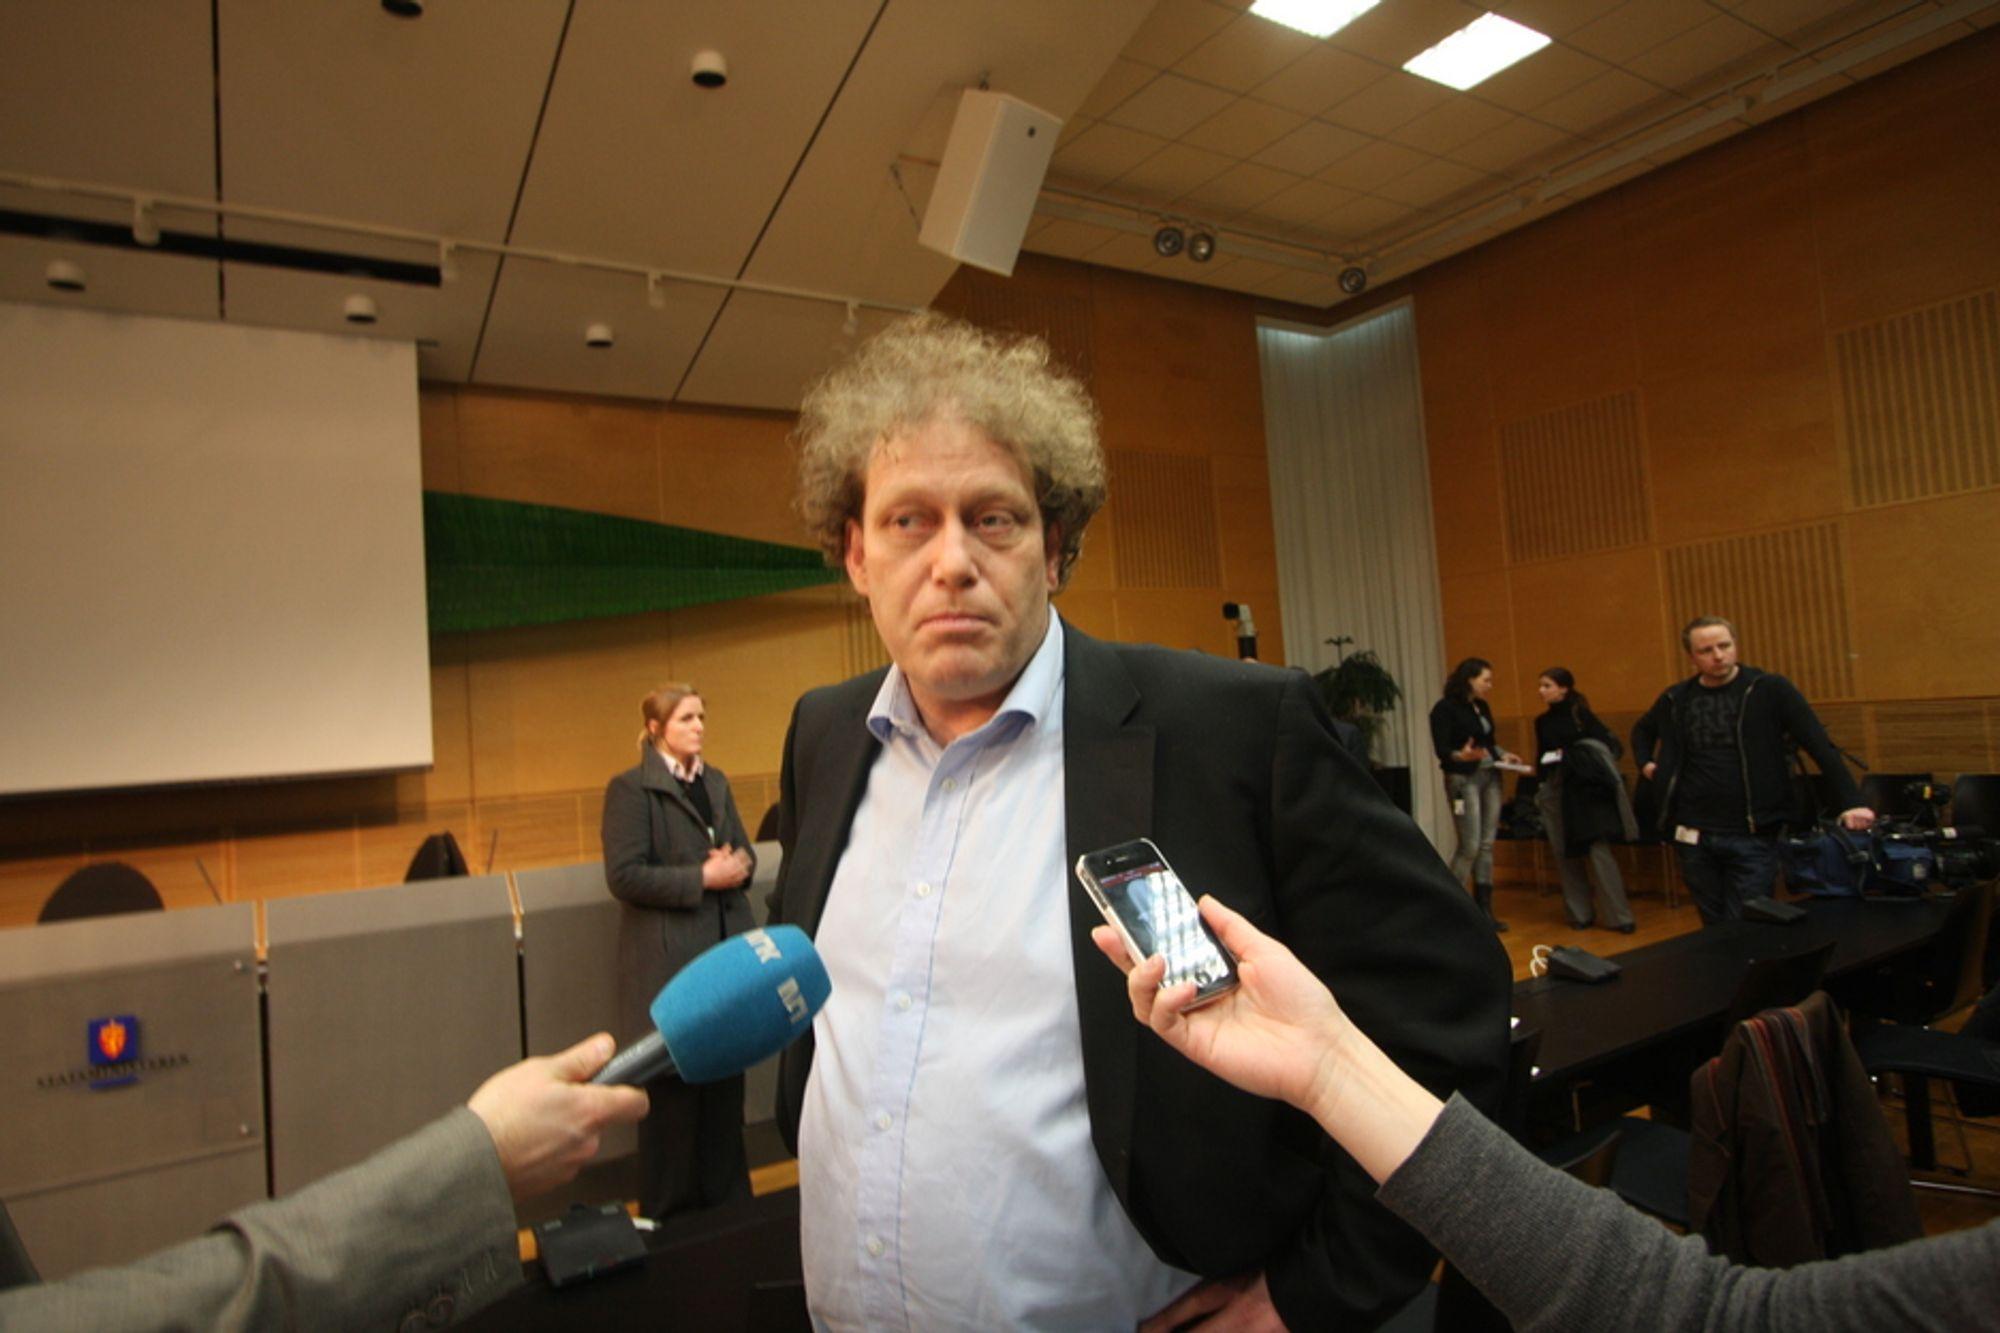 Bellona-leder Frederic Hauge er trolig en stor del av grunnen til at organisasjonen får veldig mange pressehenvendelser. Og journalistene er fornøyde med organisasjonen, skal vi tro PR-barometeret til Aalund.